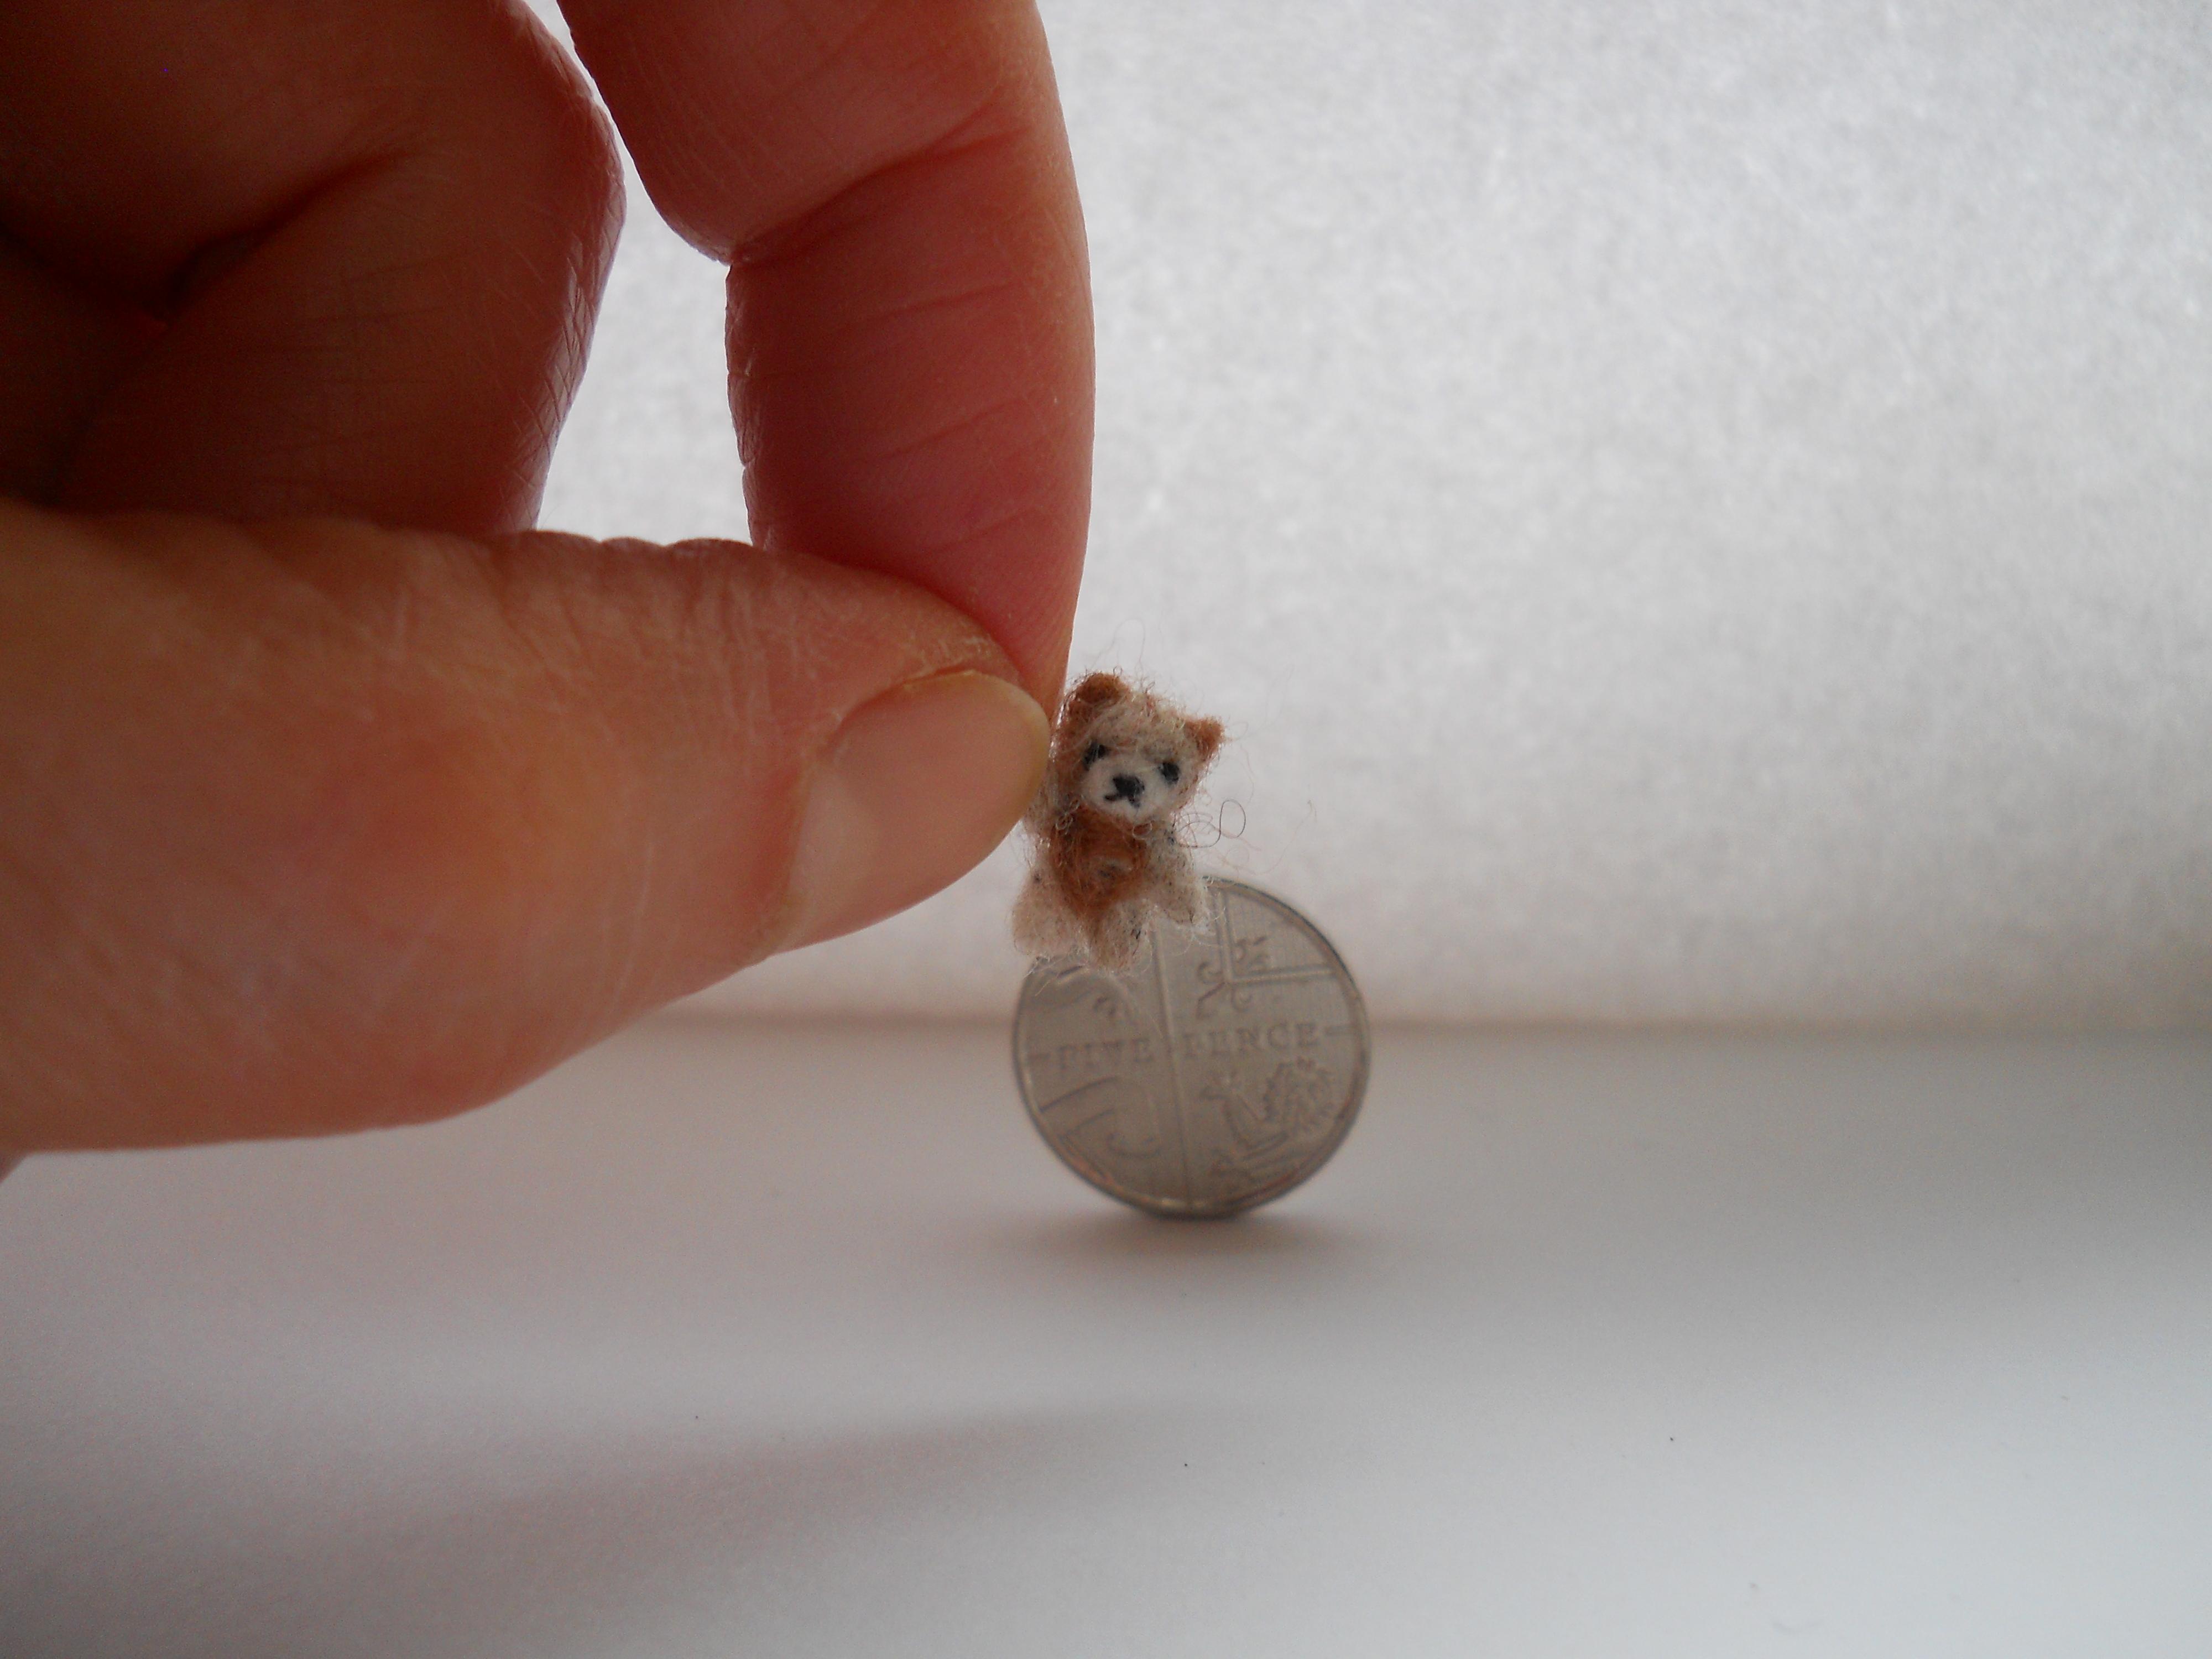 miniature ooak micro jointed teddy bear by tweebears